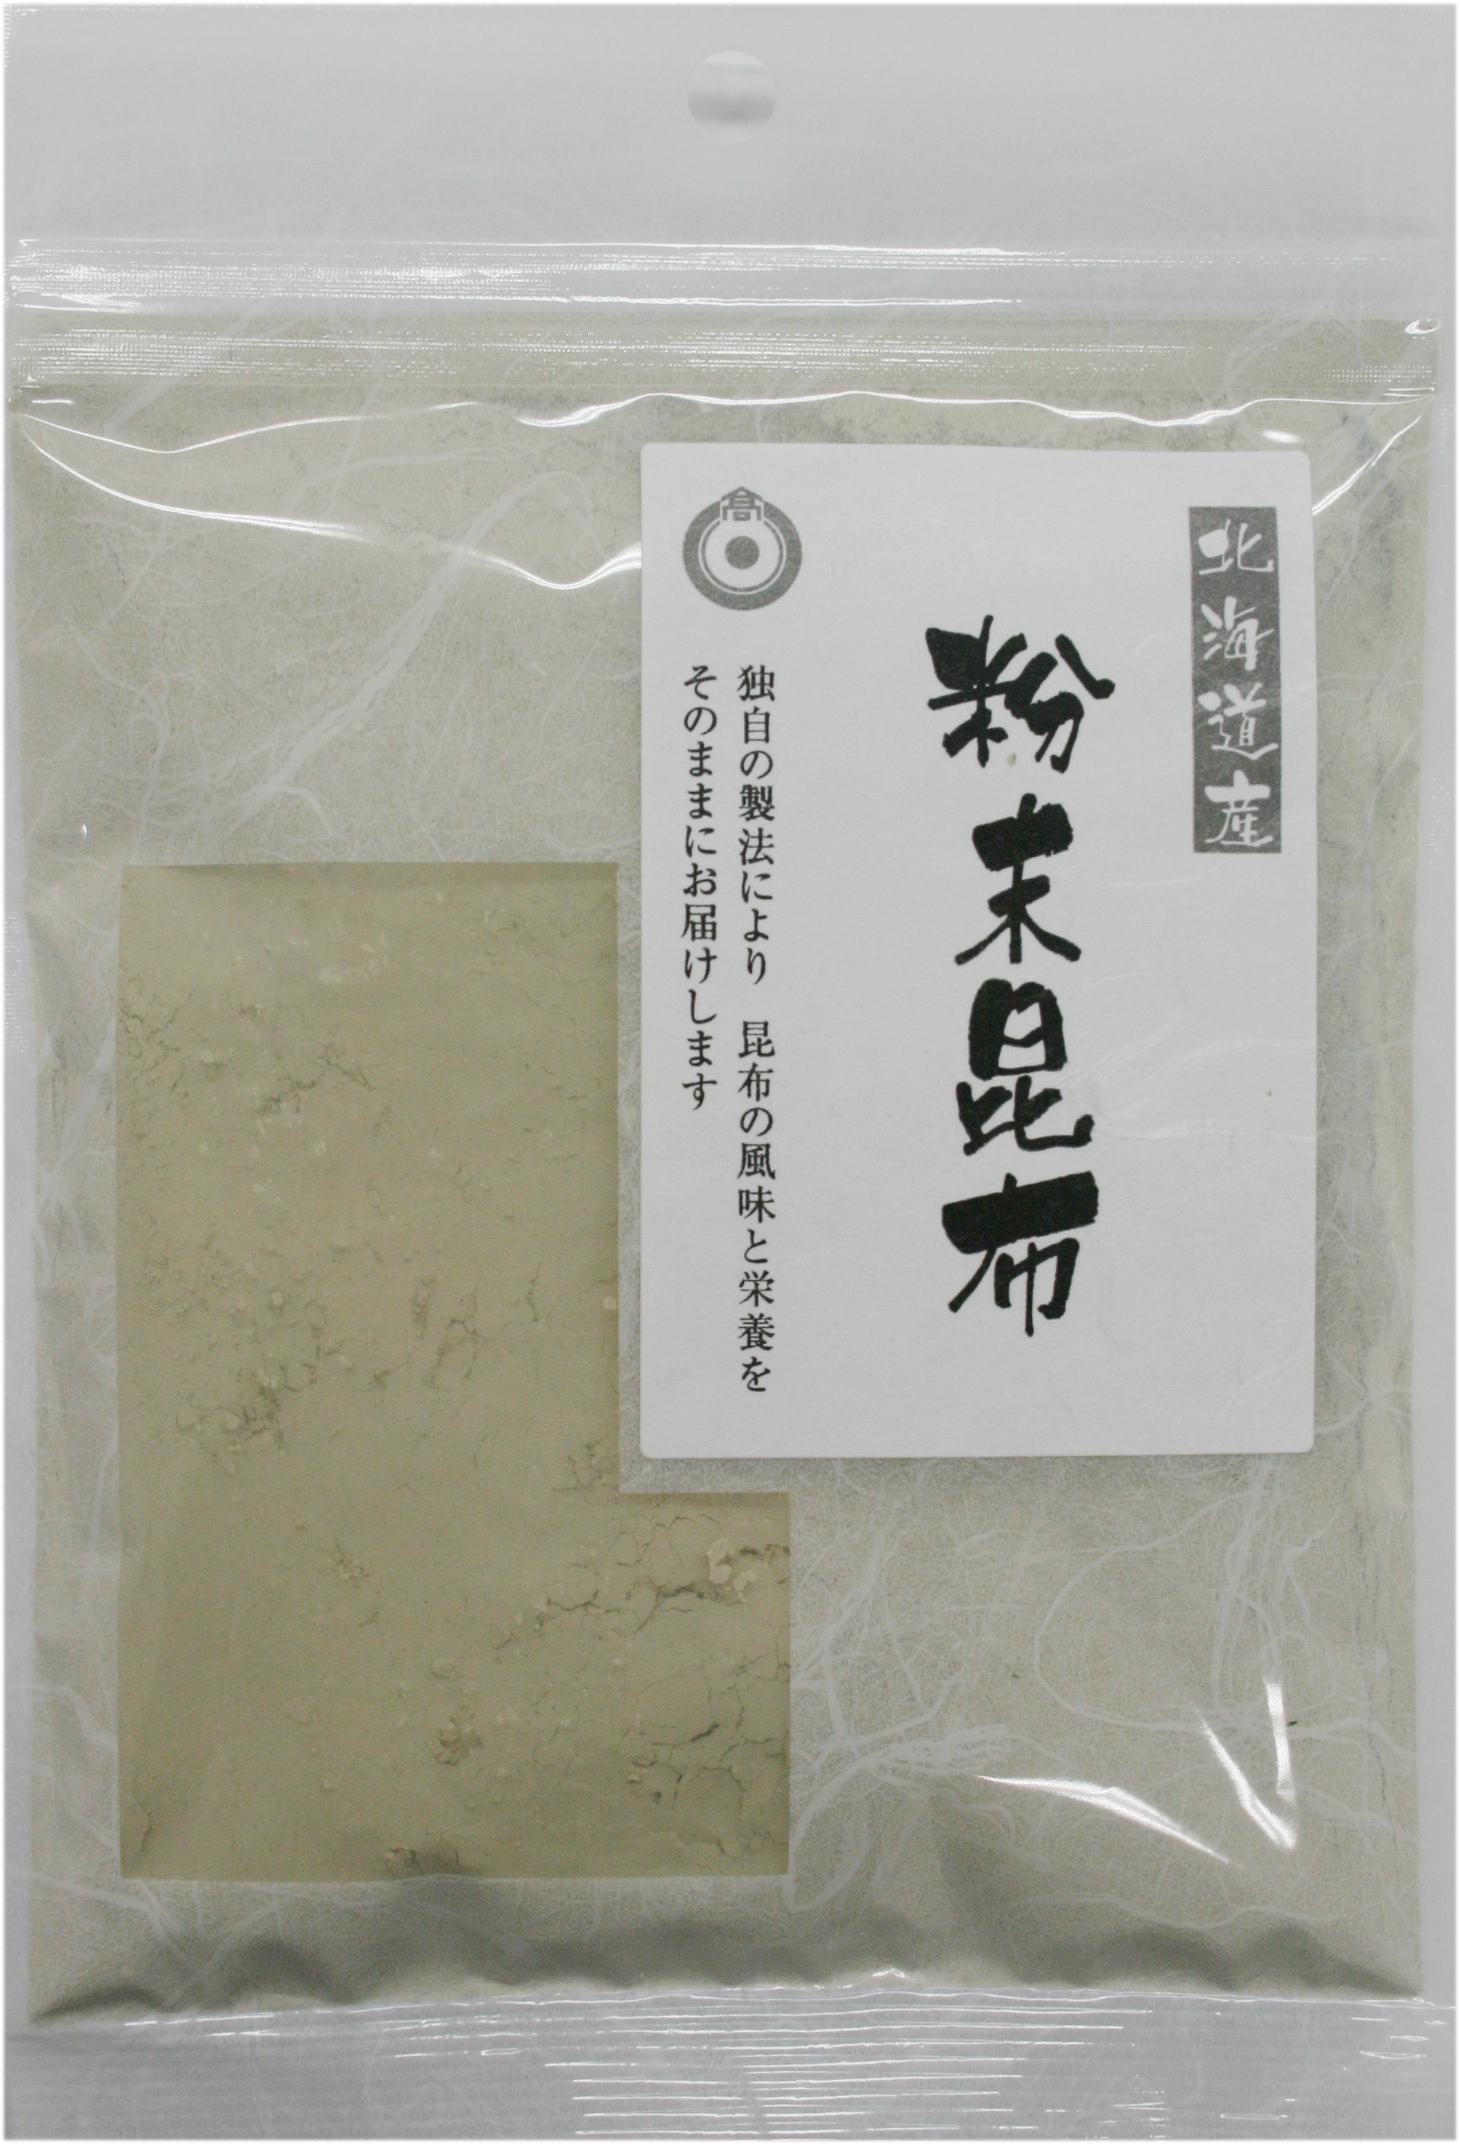 粉末昆布(北海道産) 100g